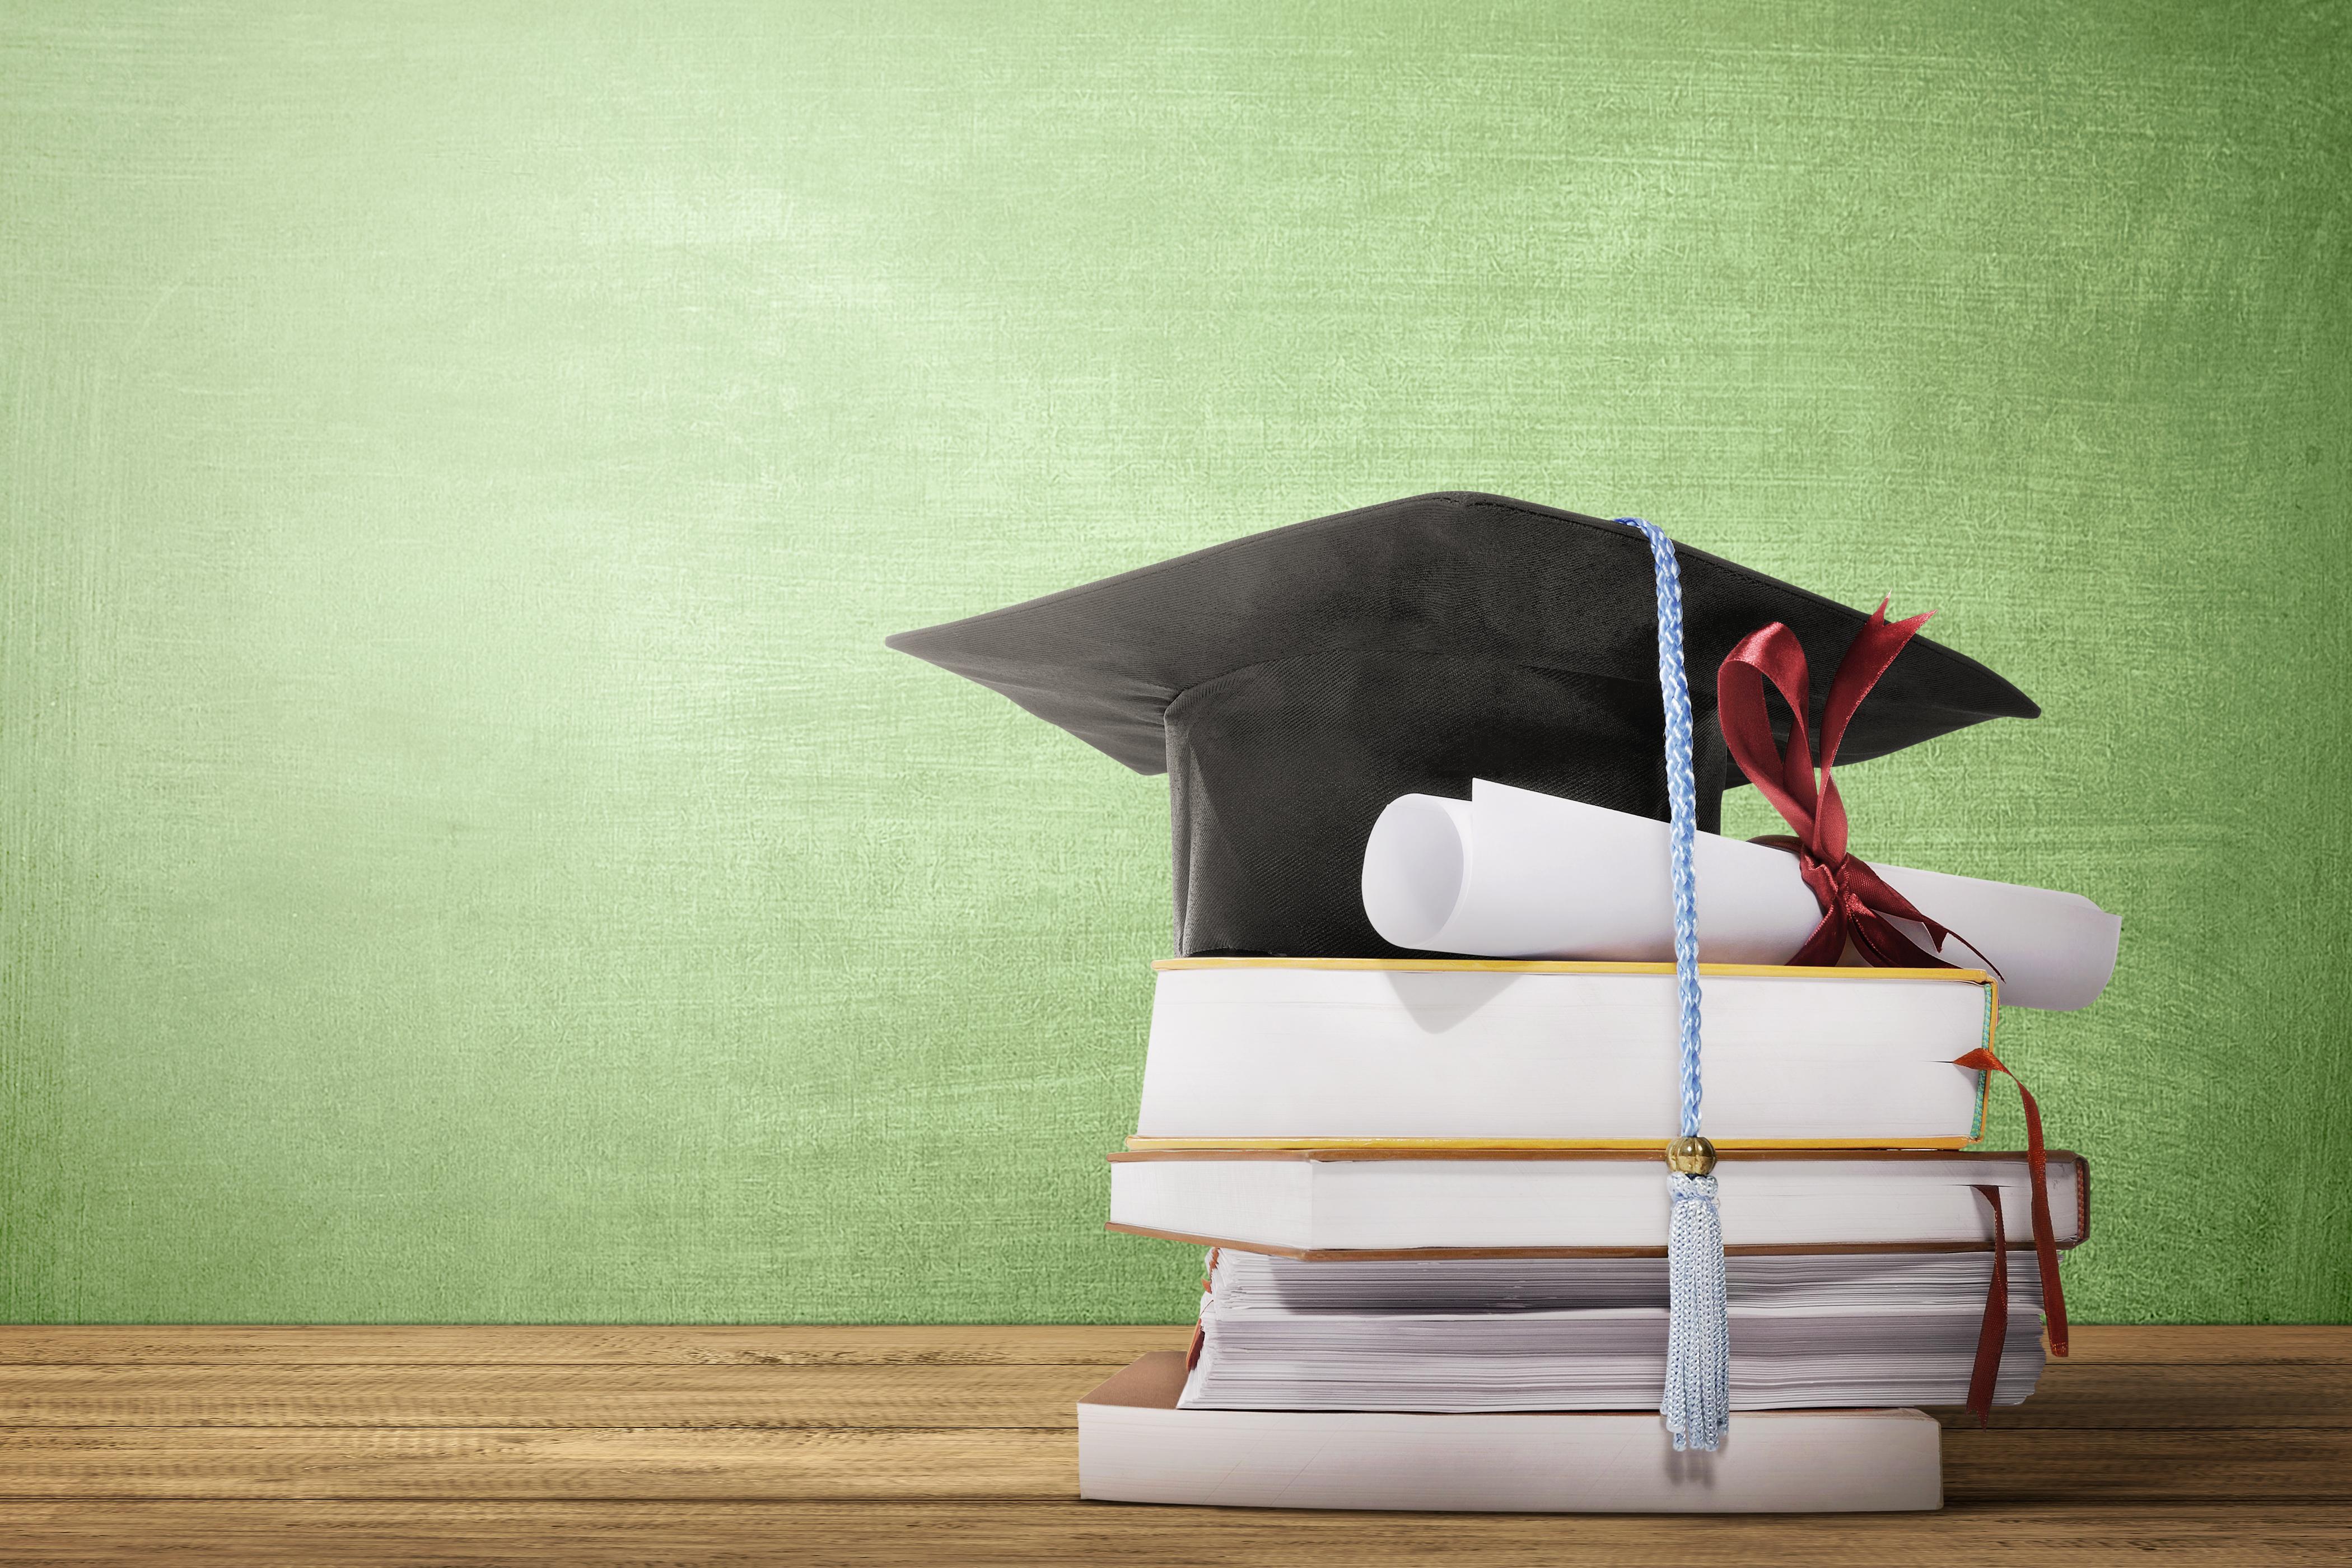 卒業証書と帽子